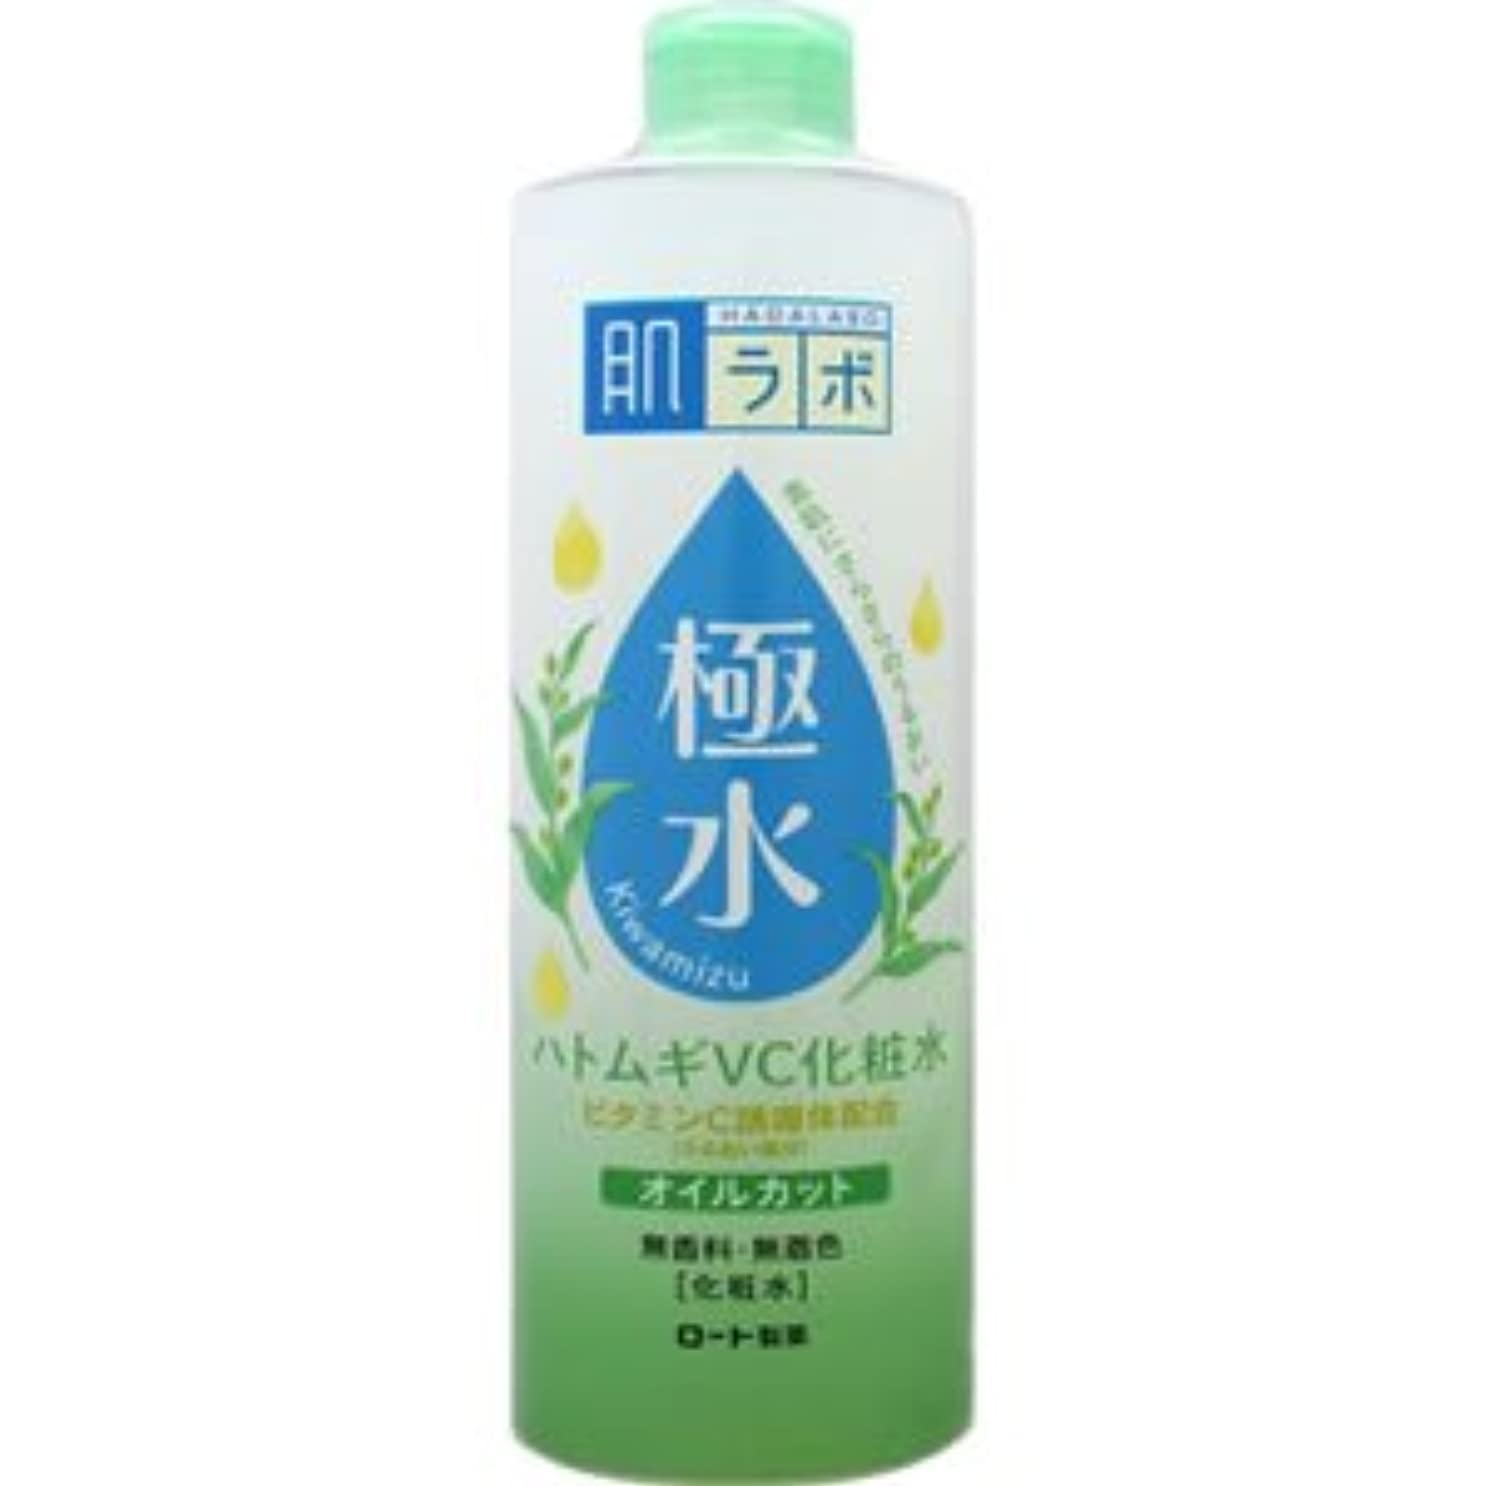 北米高度もの(ロート製薬)肌研 極水ハトムギVC化粧水 400ml